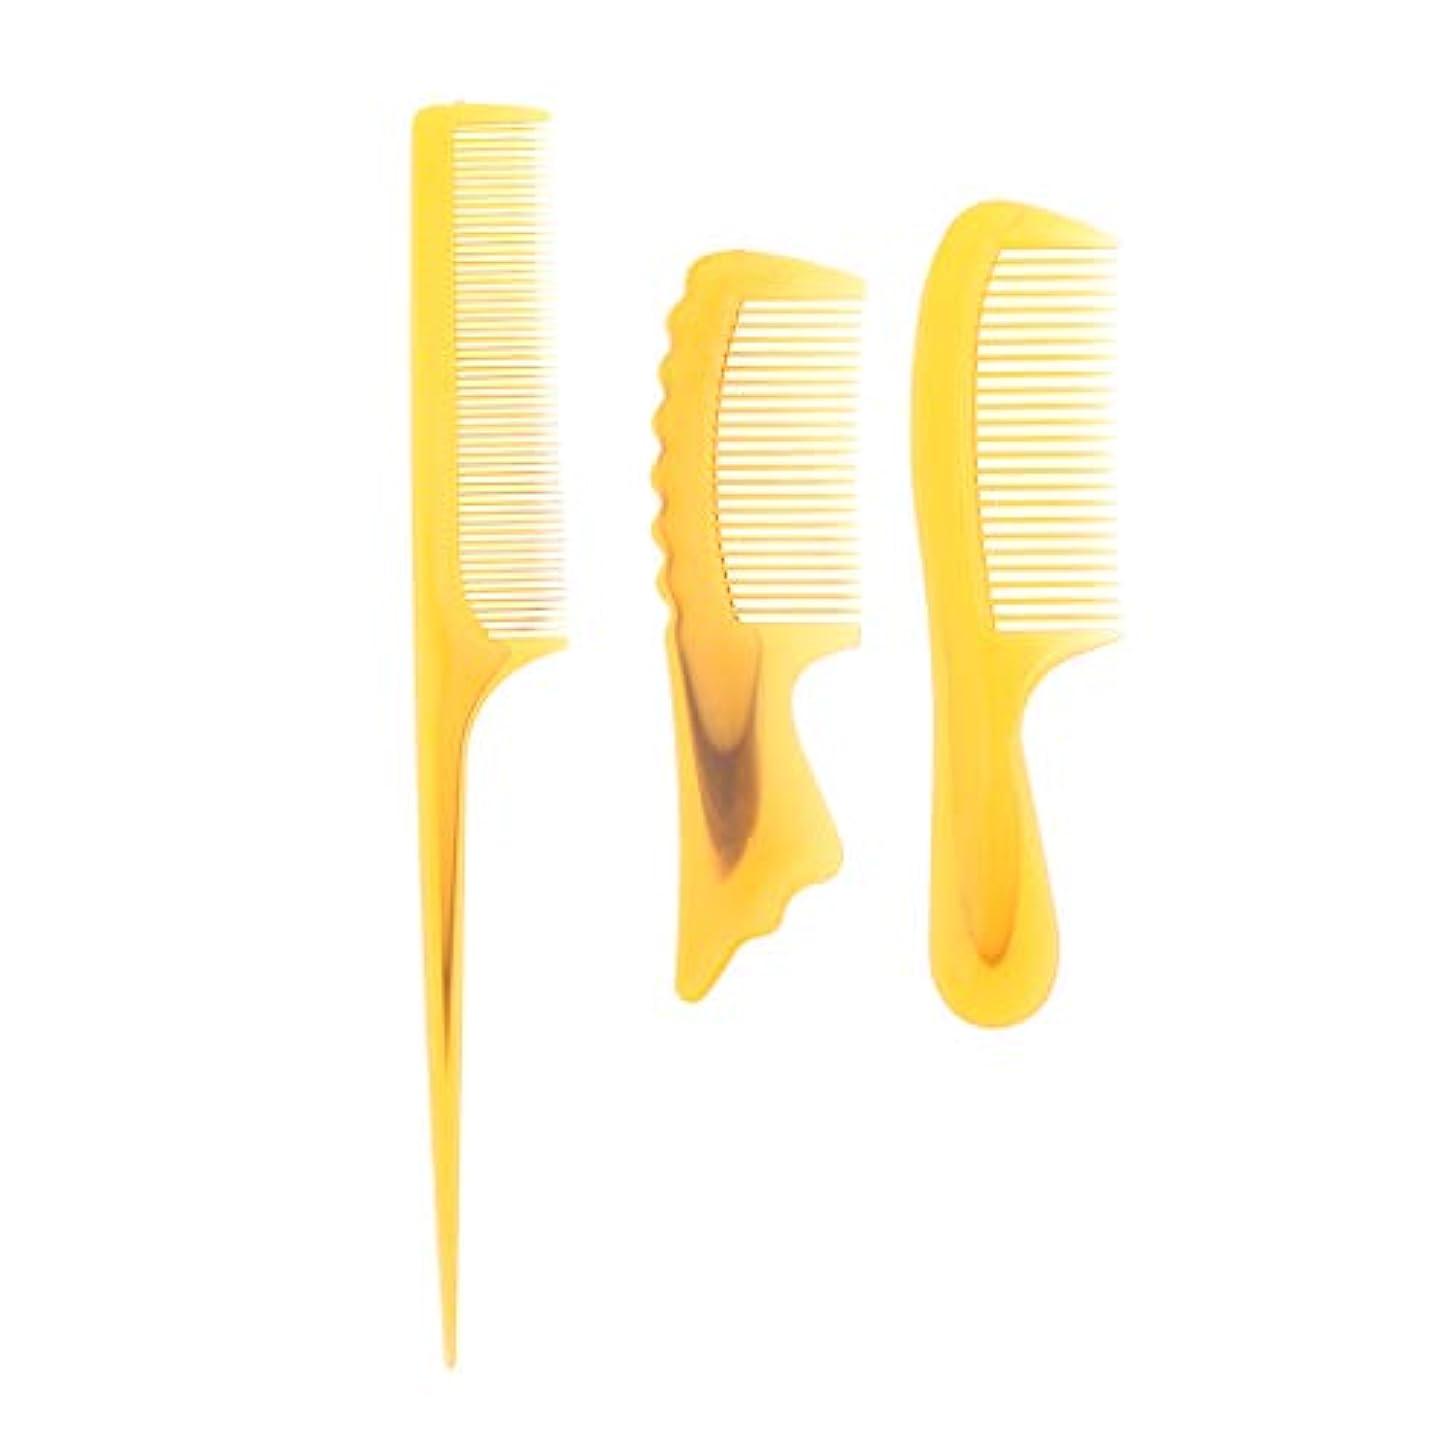 フォーマット代わりにを立てる厳B Baosity 3個 ヘアコーム 静電防止櫛 コーム 理髪 美容師 ヘアケア